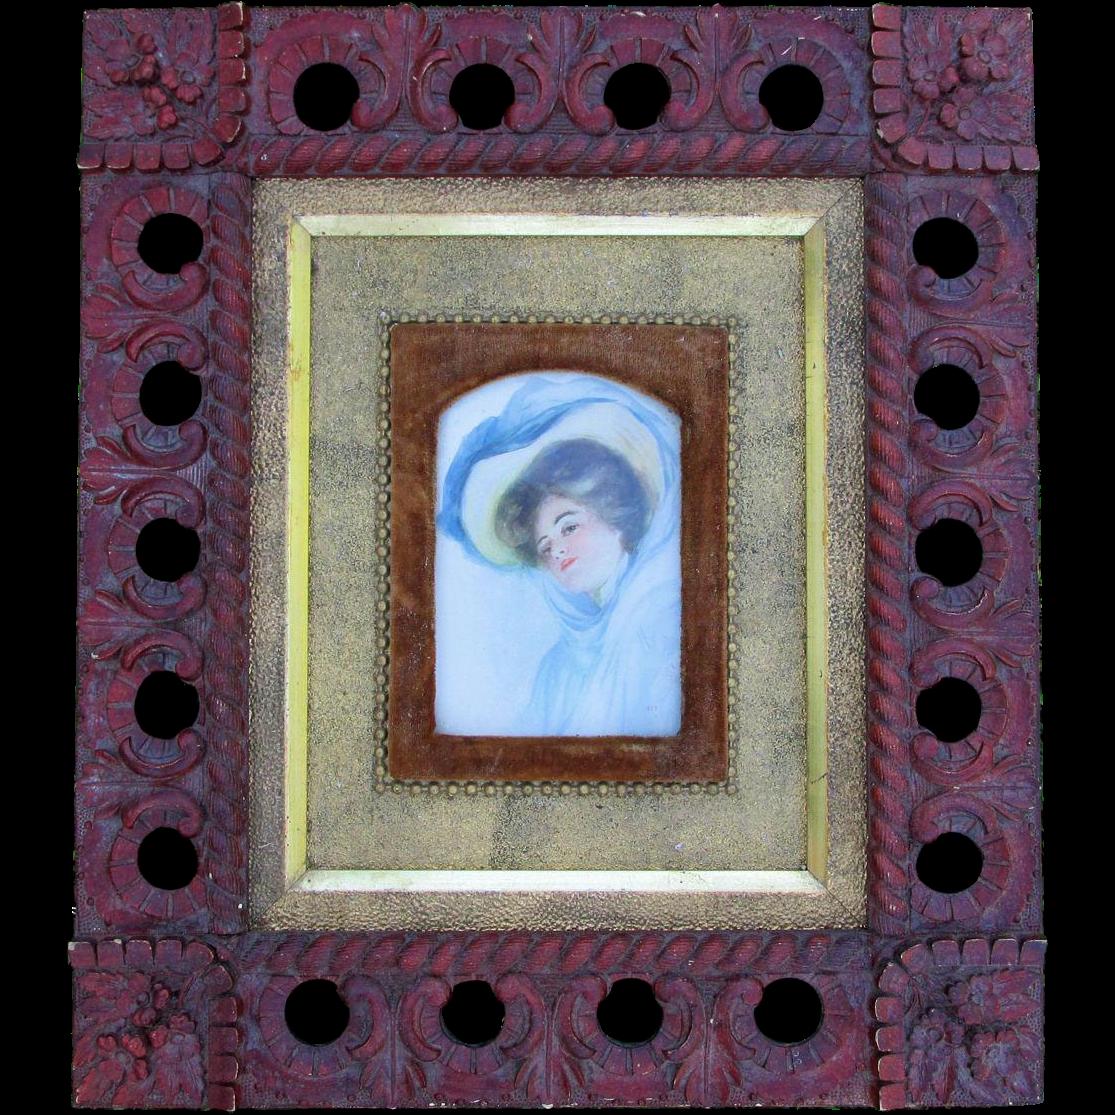 c1880 Victorian Aesthetic Gilt Gold & Velvet Picture Frame